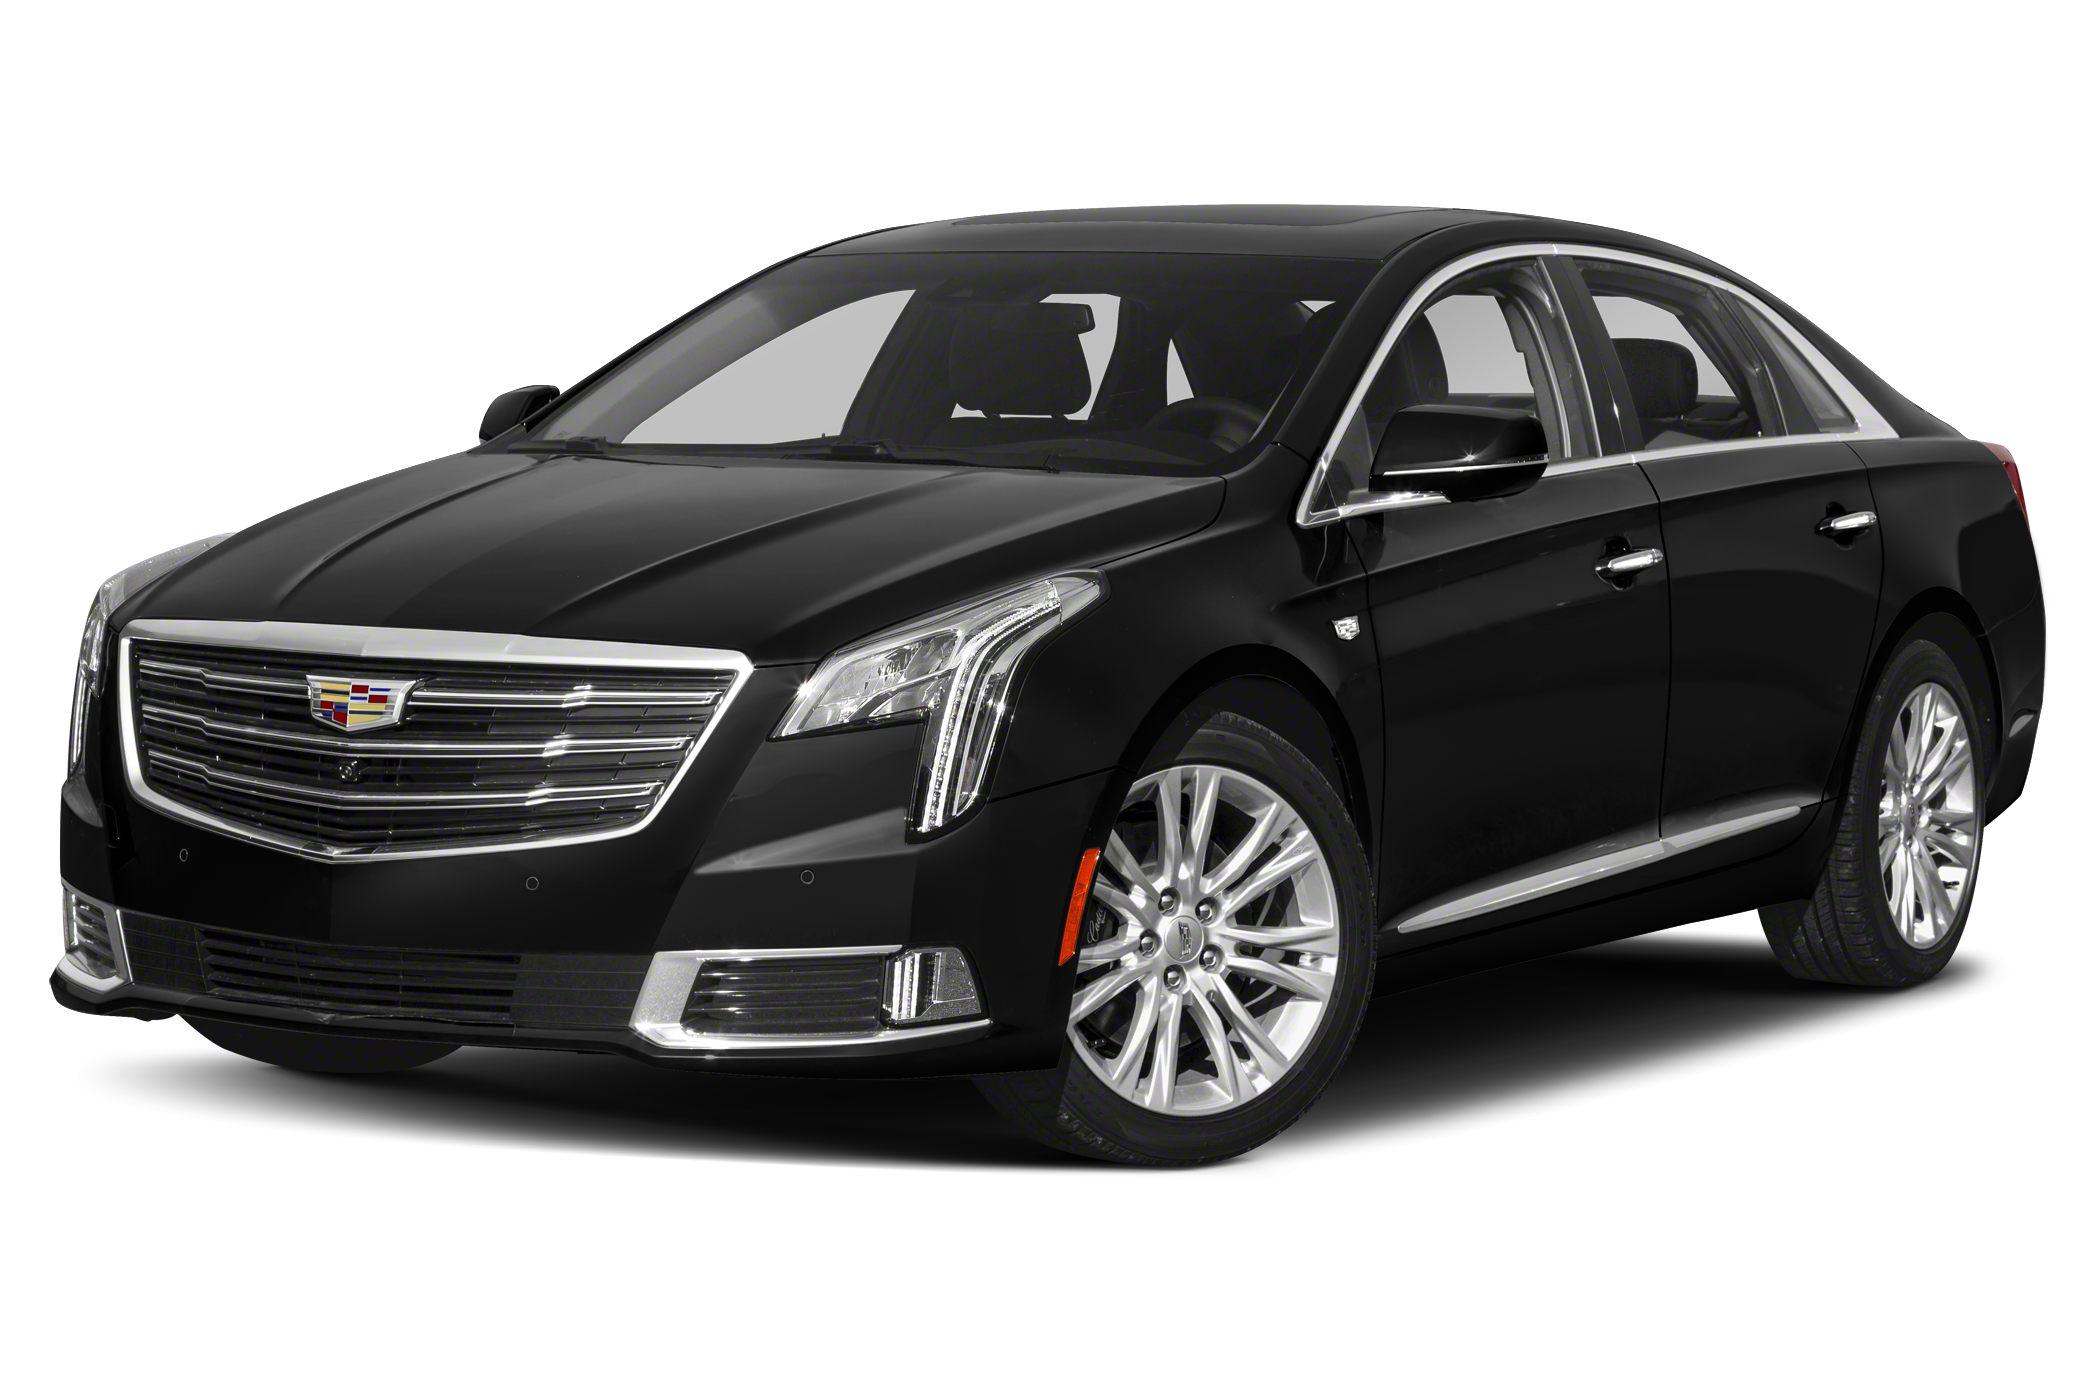 2019 Cadillac XTS Limo